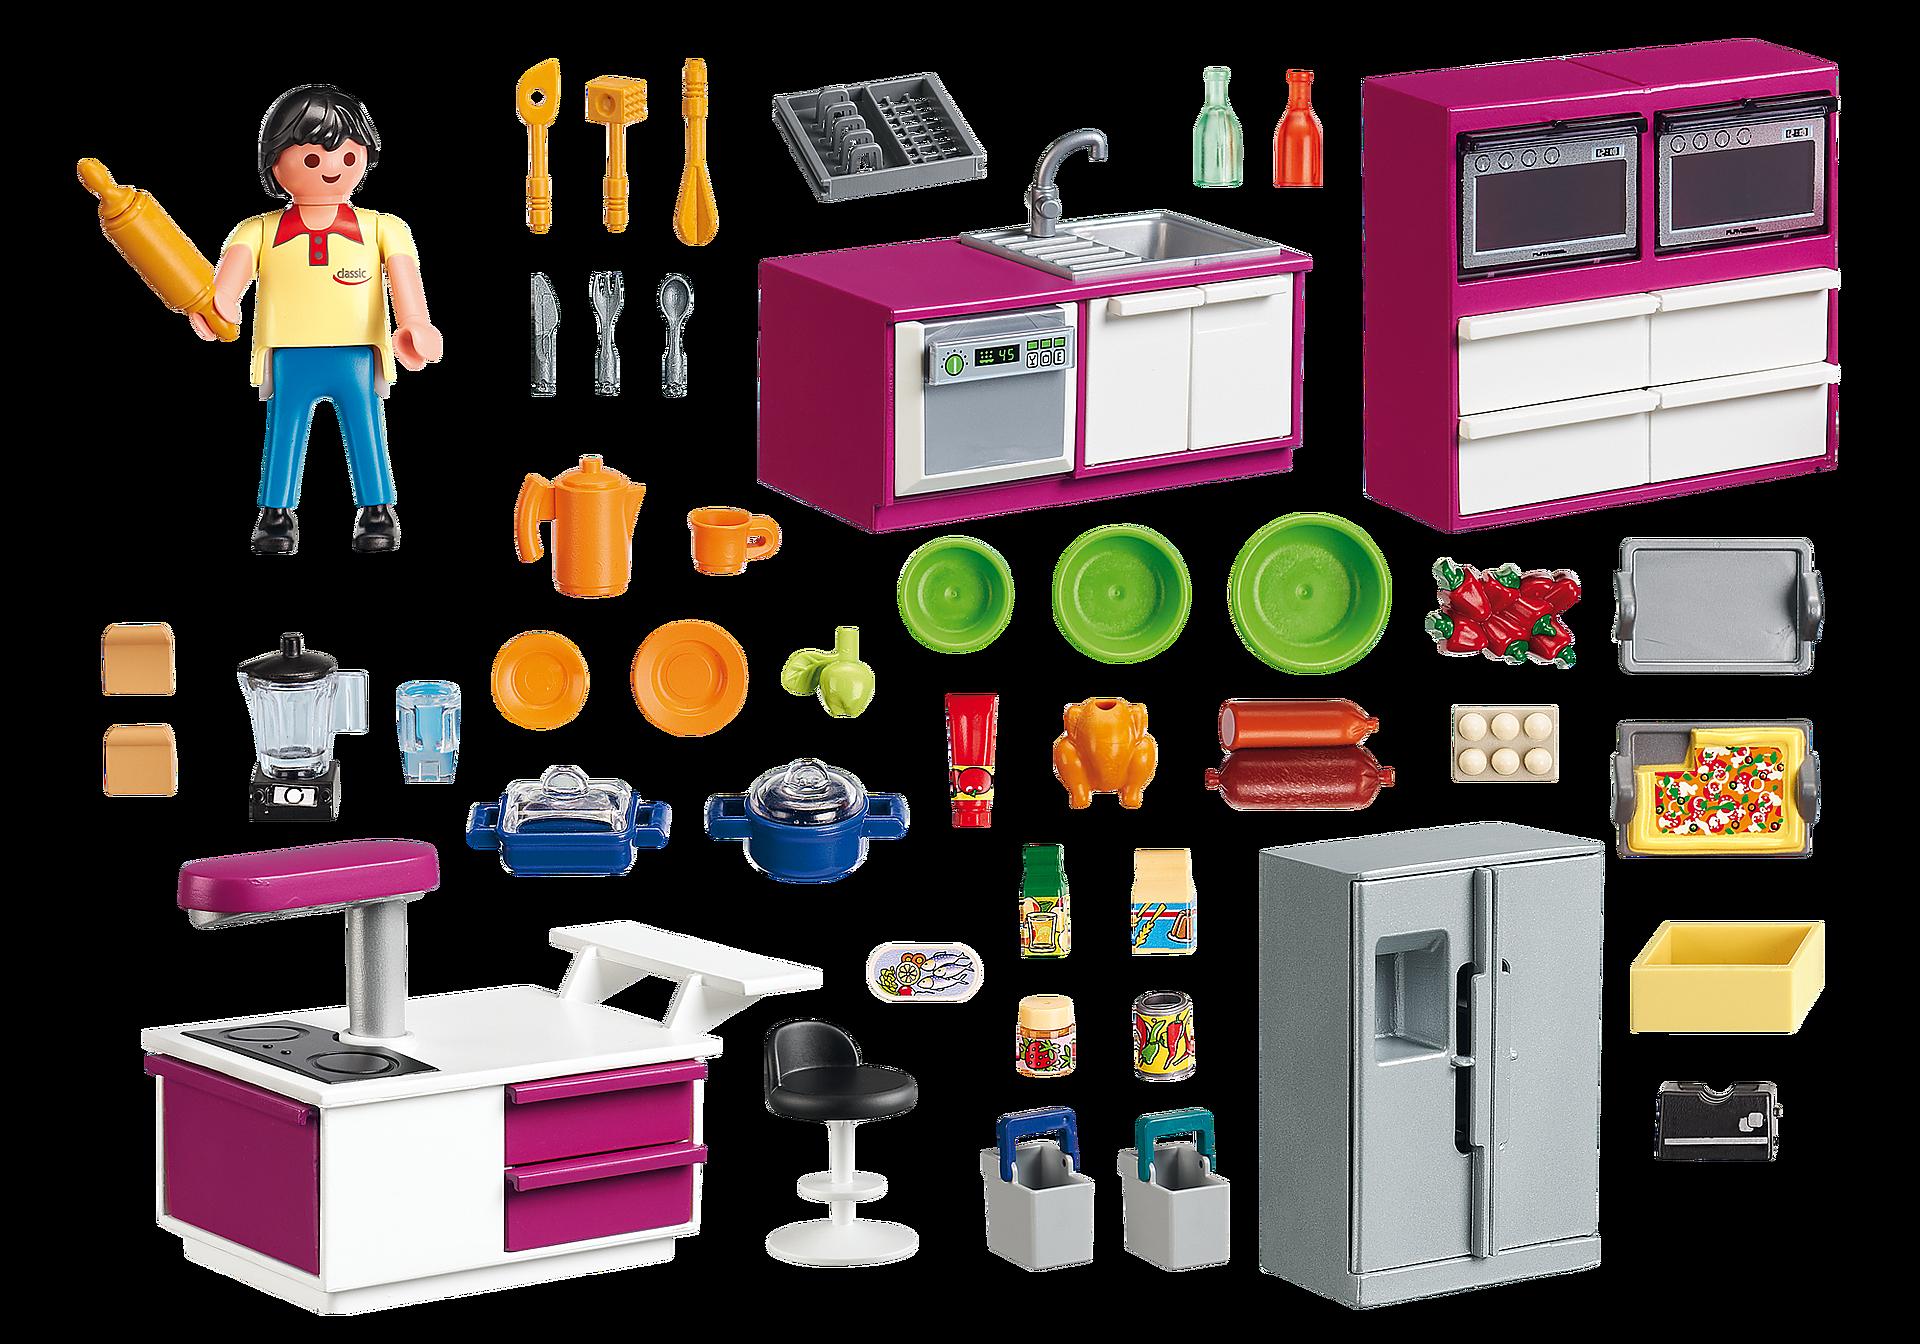 5582 Μοντέρνα κουζίνα zoom image3